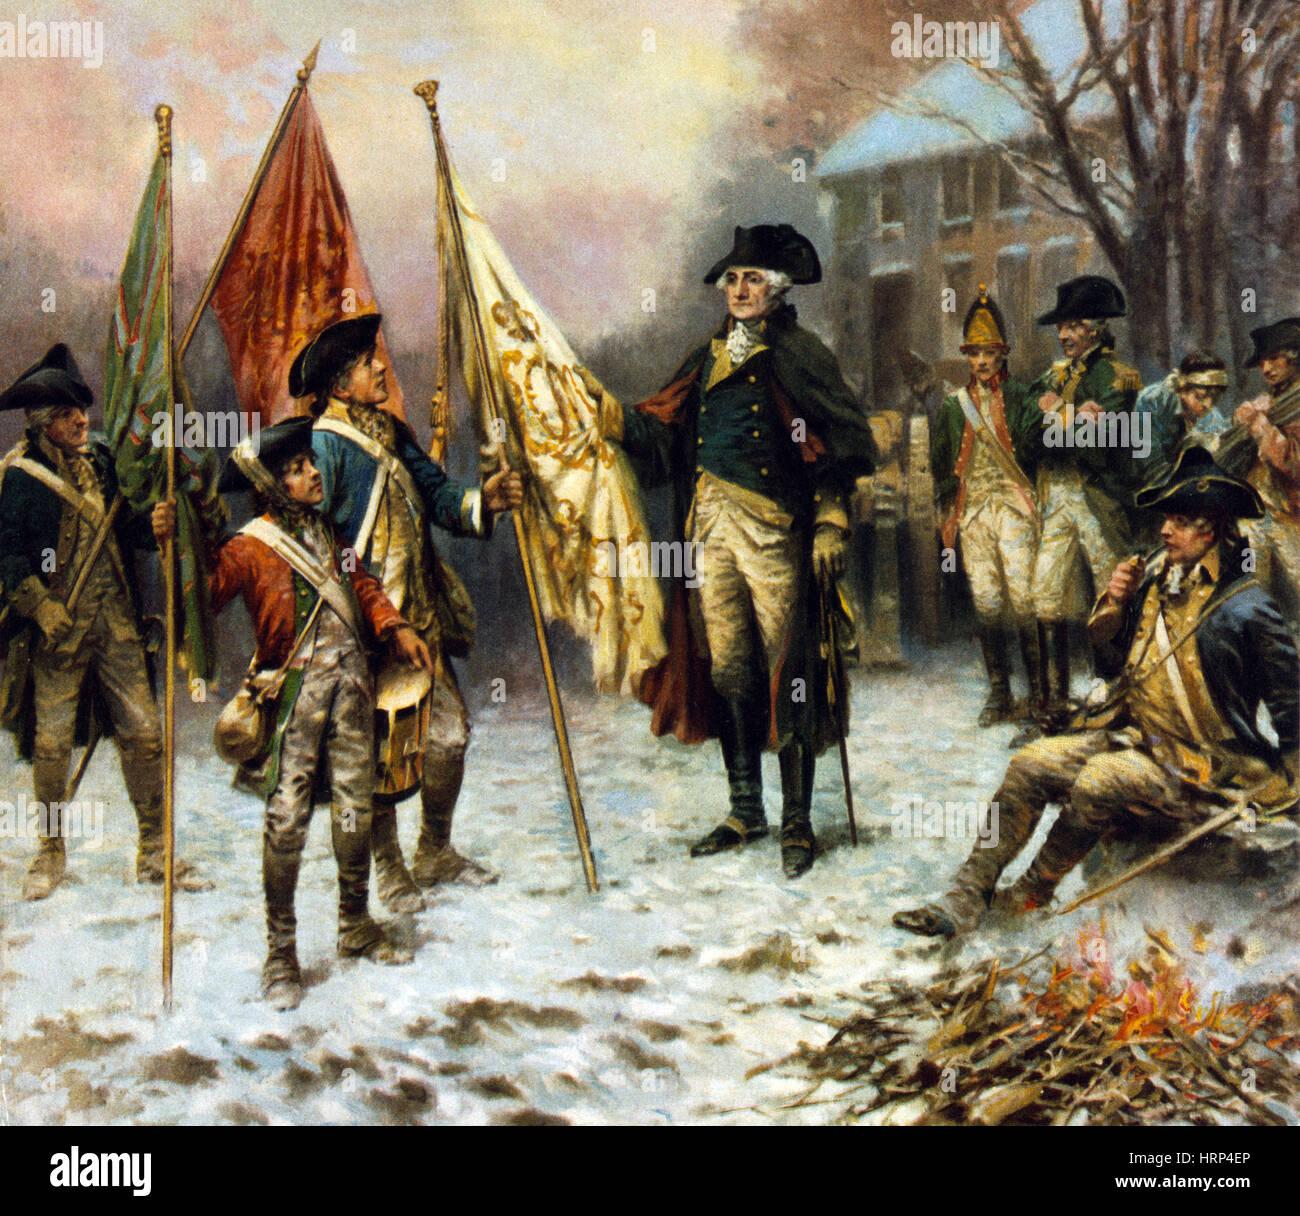 Washington Inspecting Captured Flag, 1776 - Stock Image